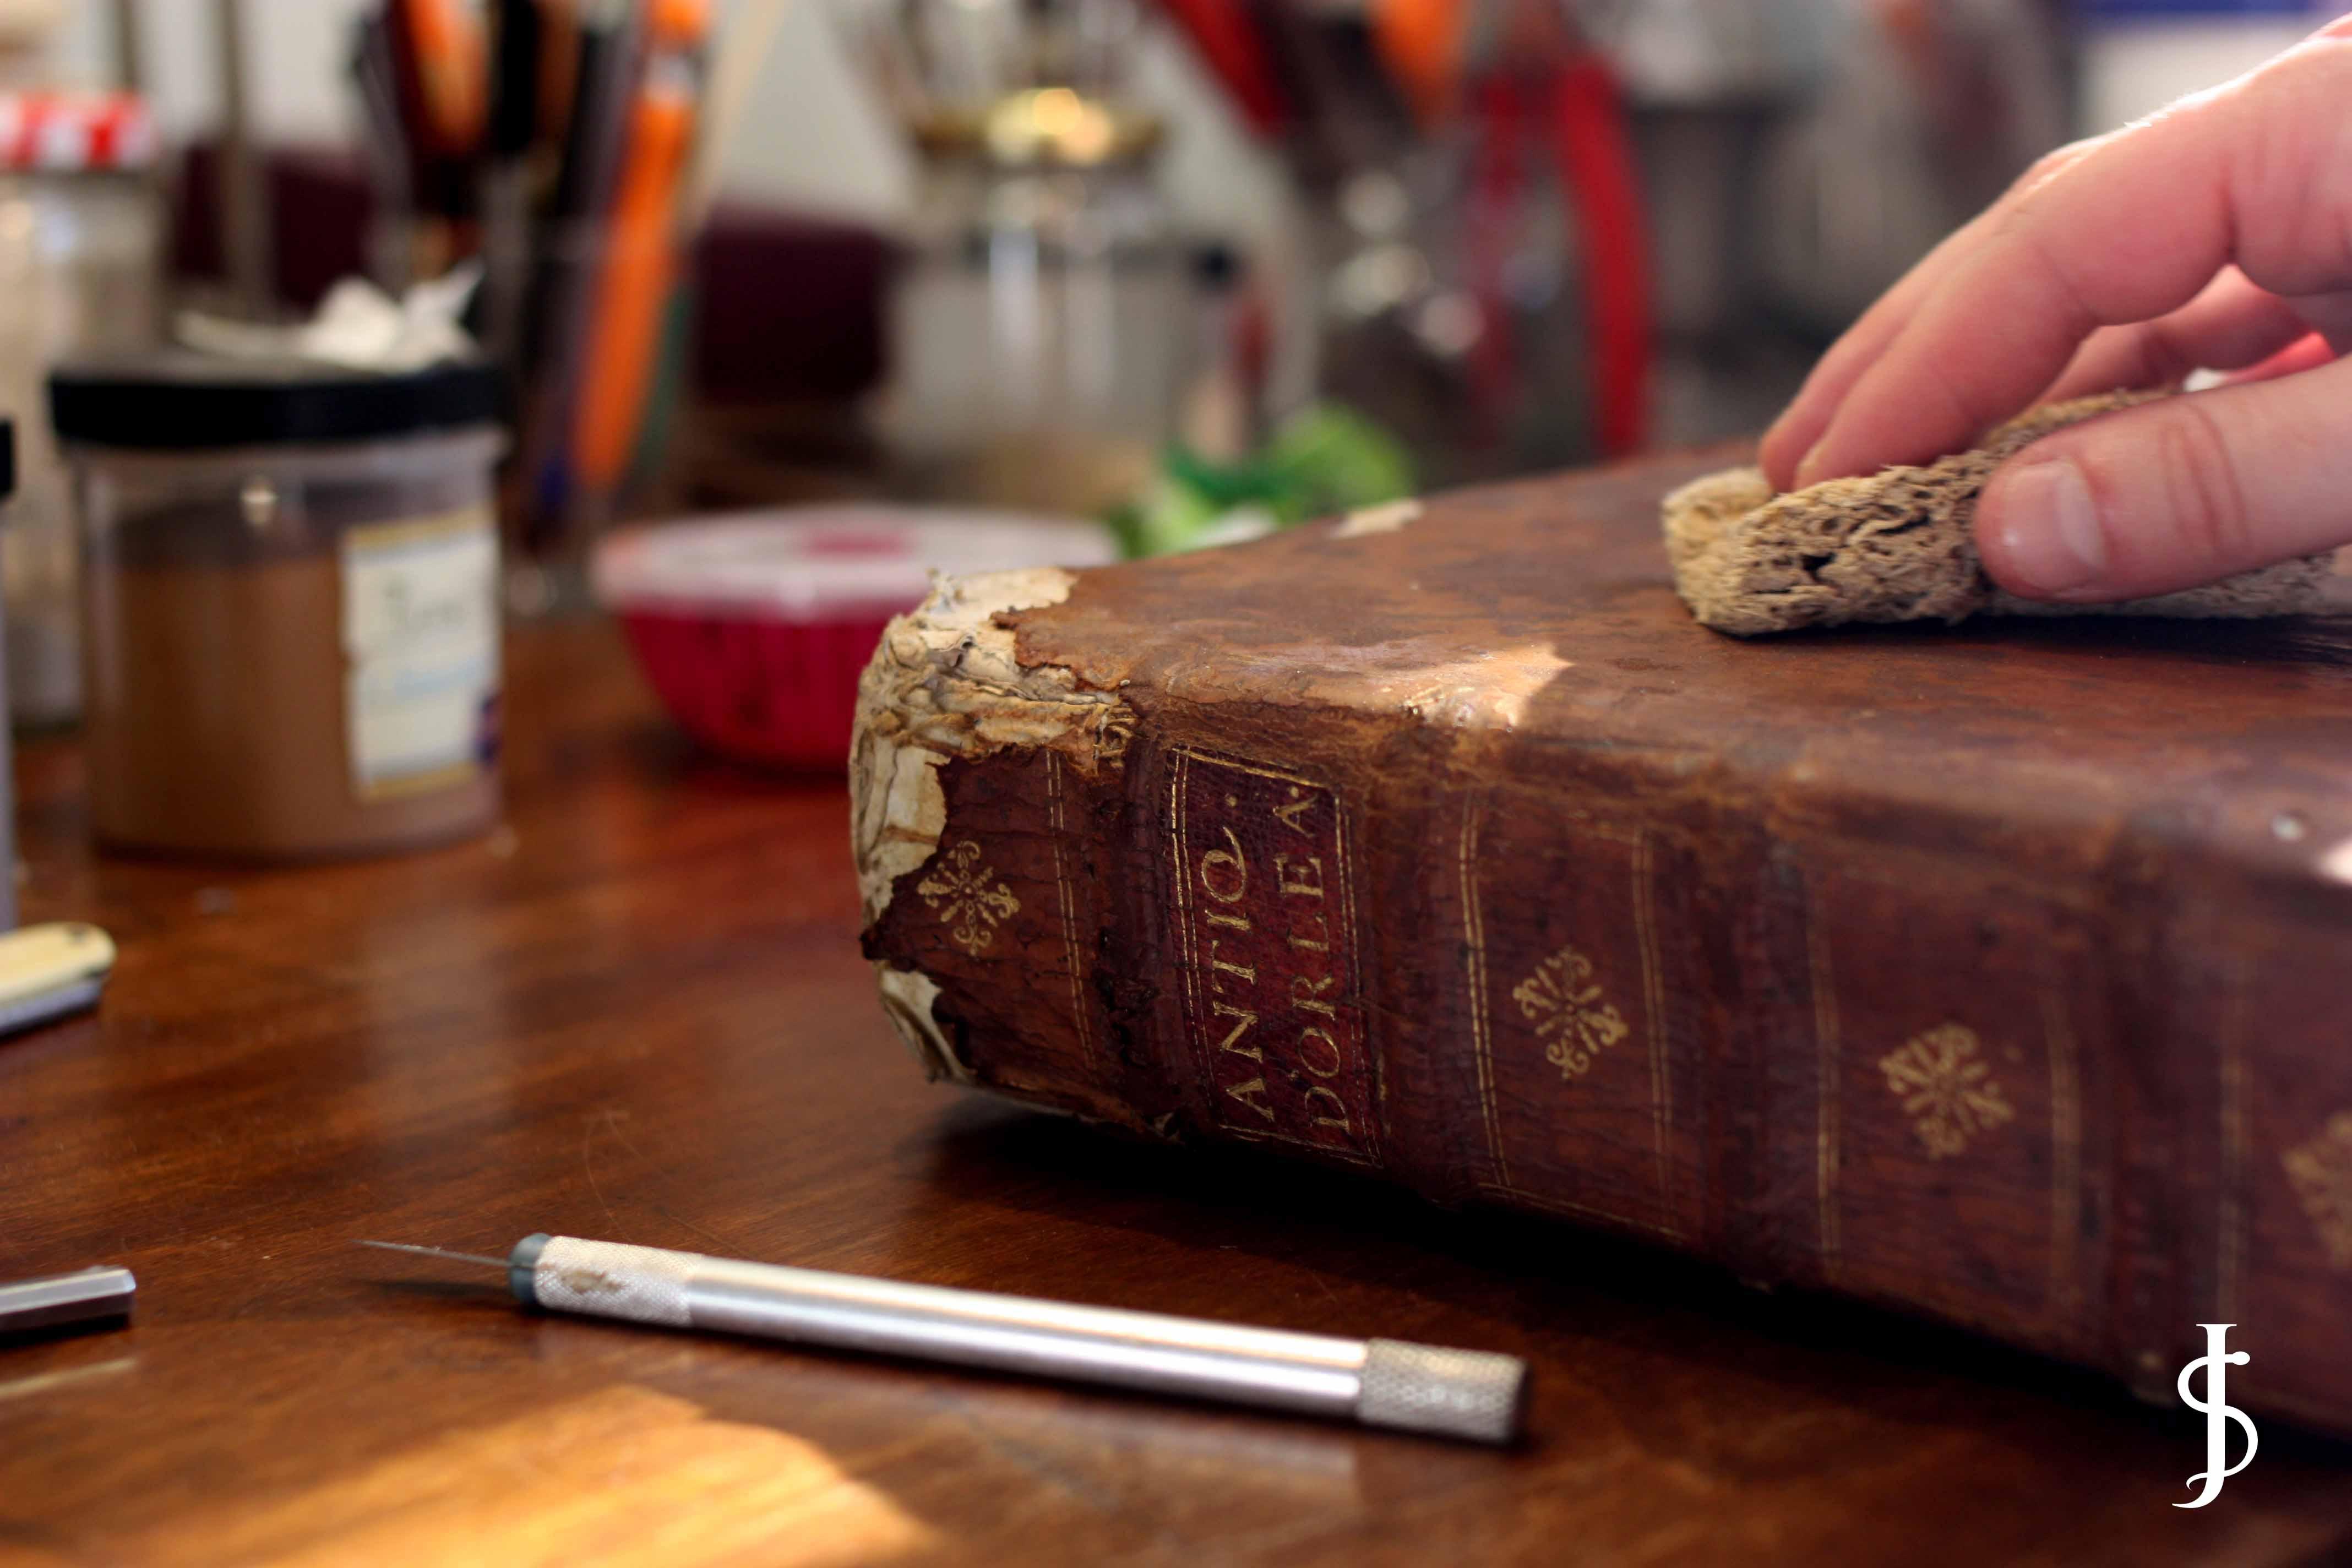 restauration de livres anciens papiers et gravures orleans 103 atelier sinnesaelorleans. Black Bedroom Furniture Sets. Home Design Ideas